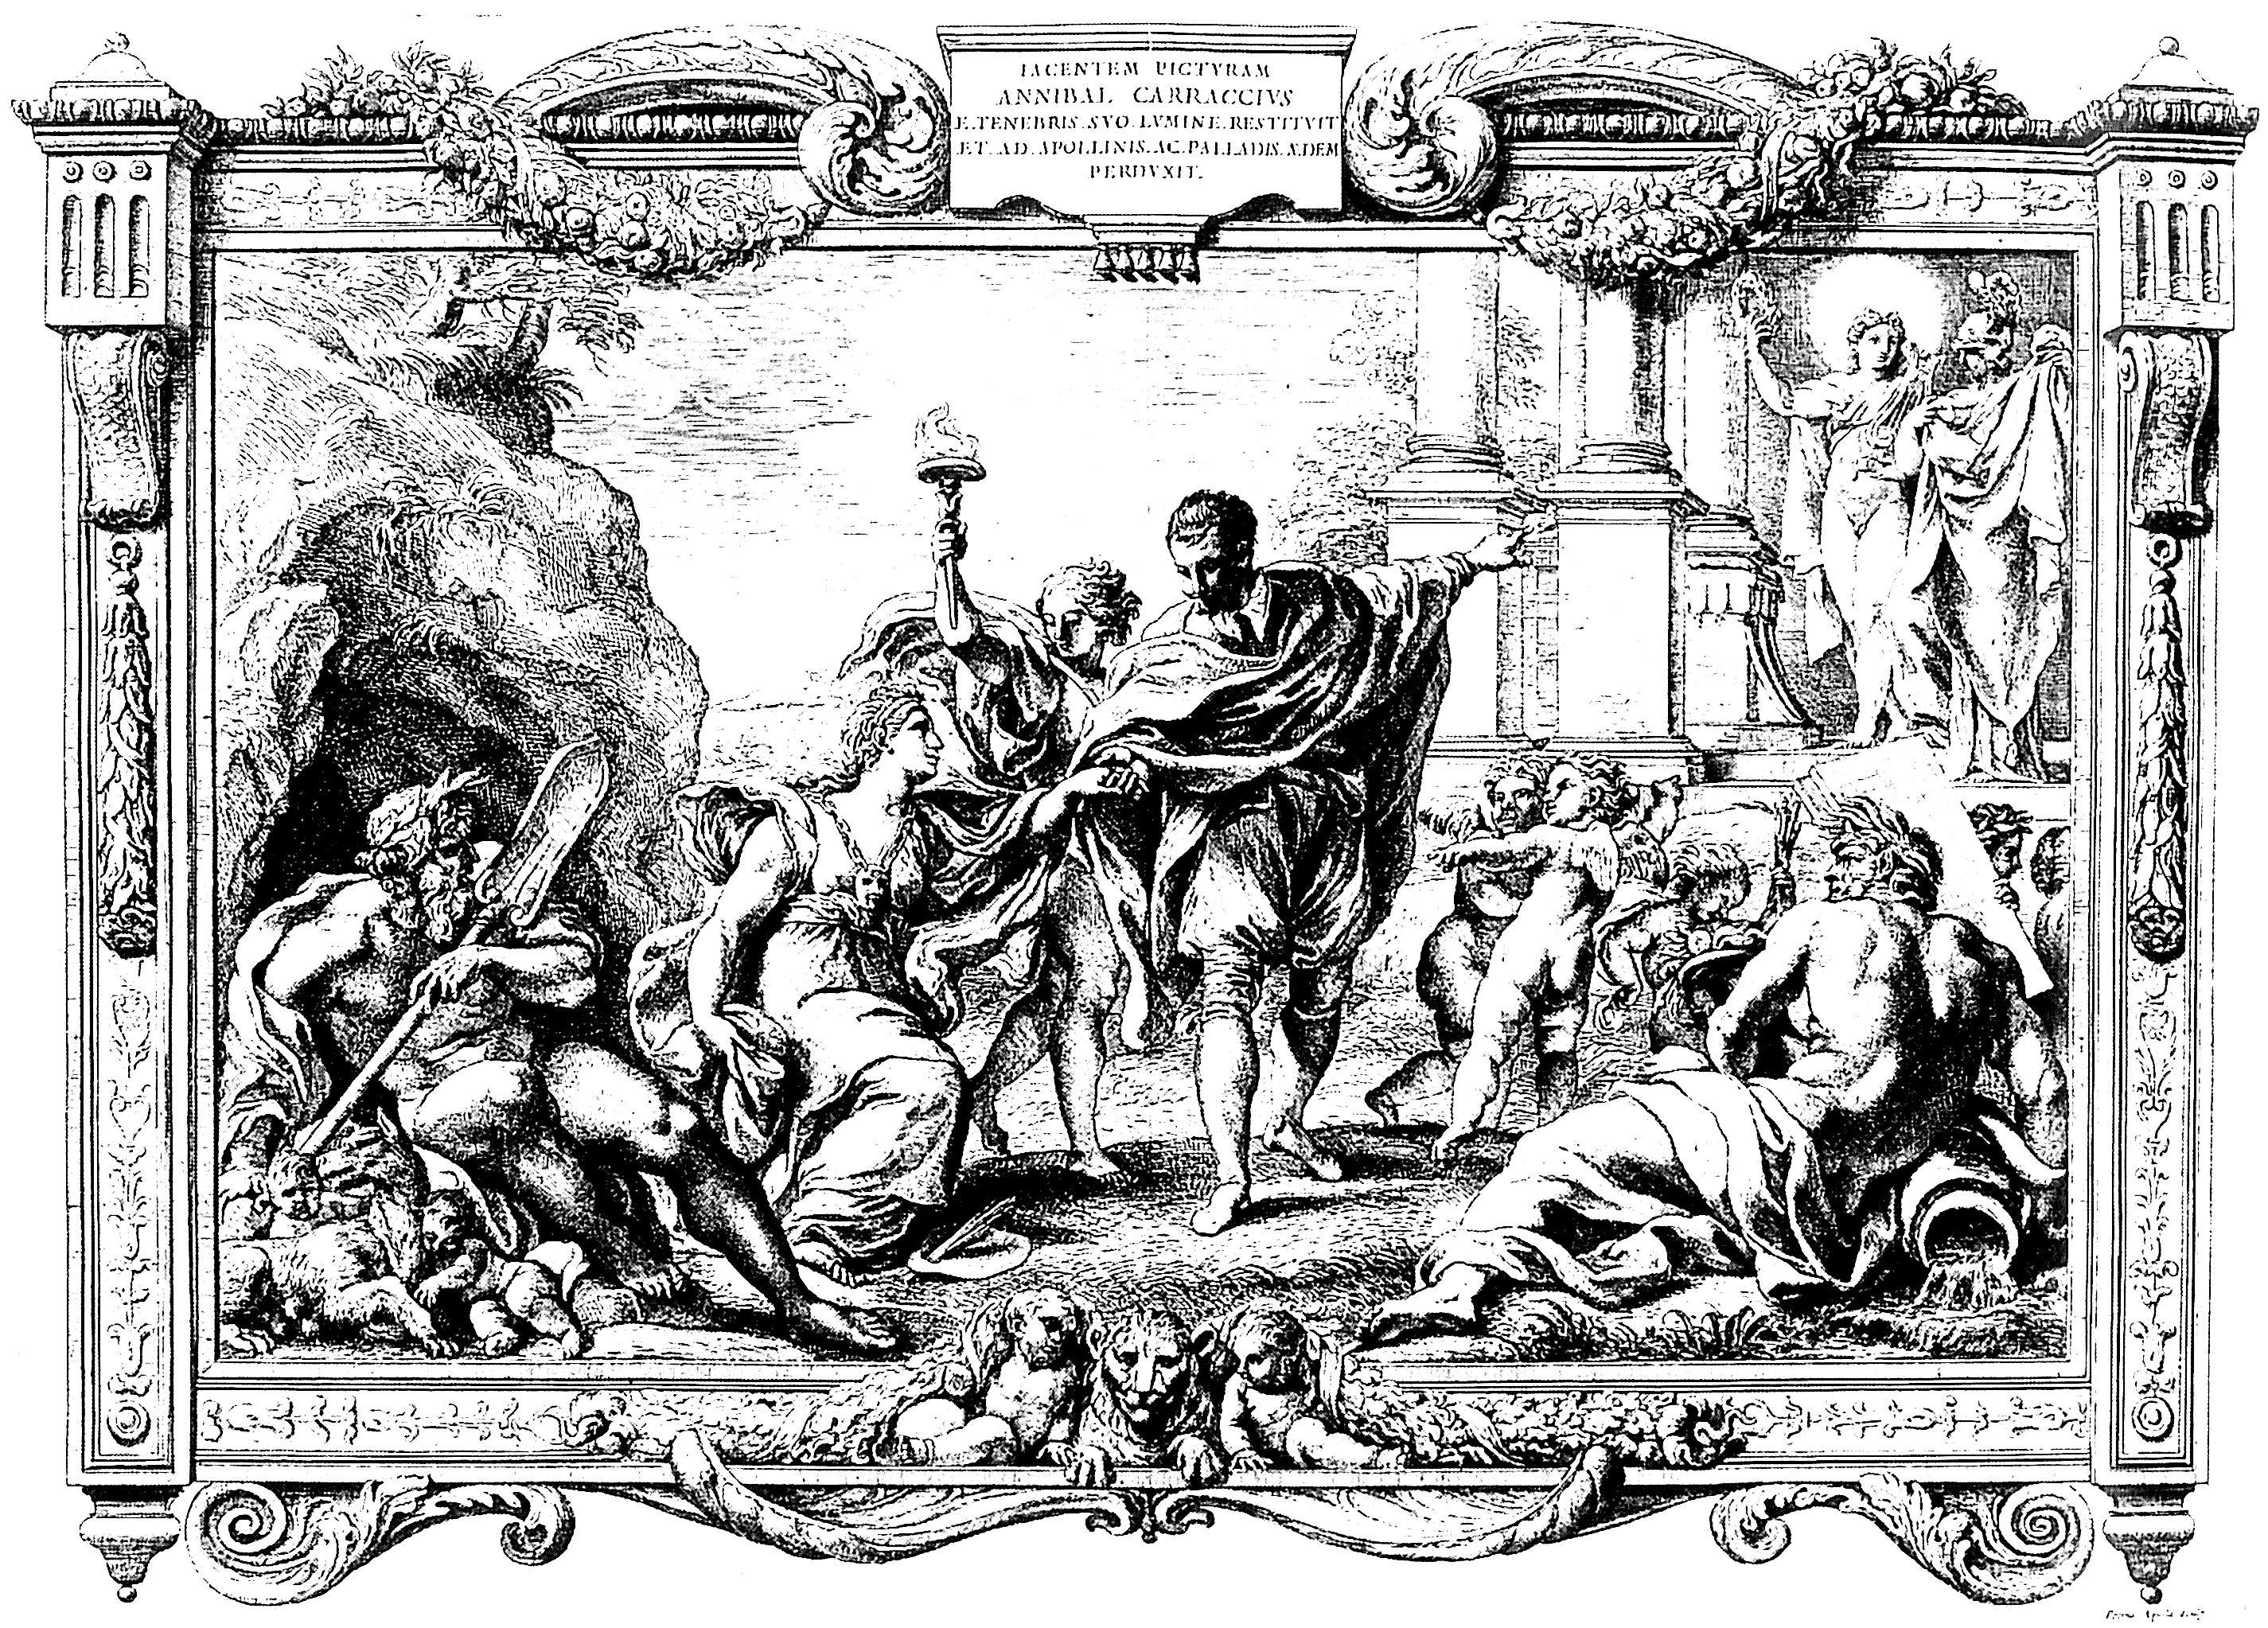 Annibal Carrache et une grande planche allégorique, Gravure de Pietro Aquila, 1674